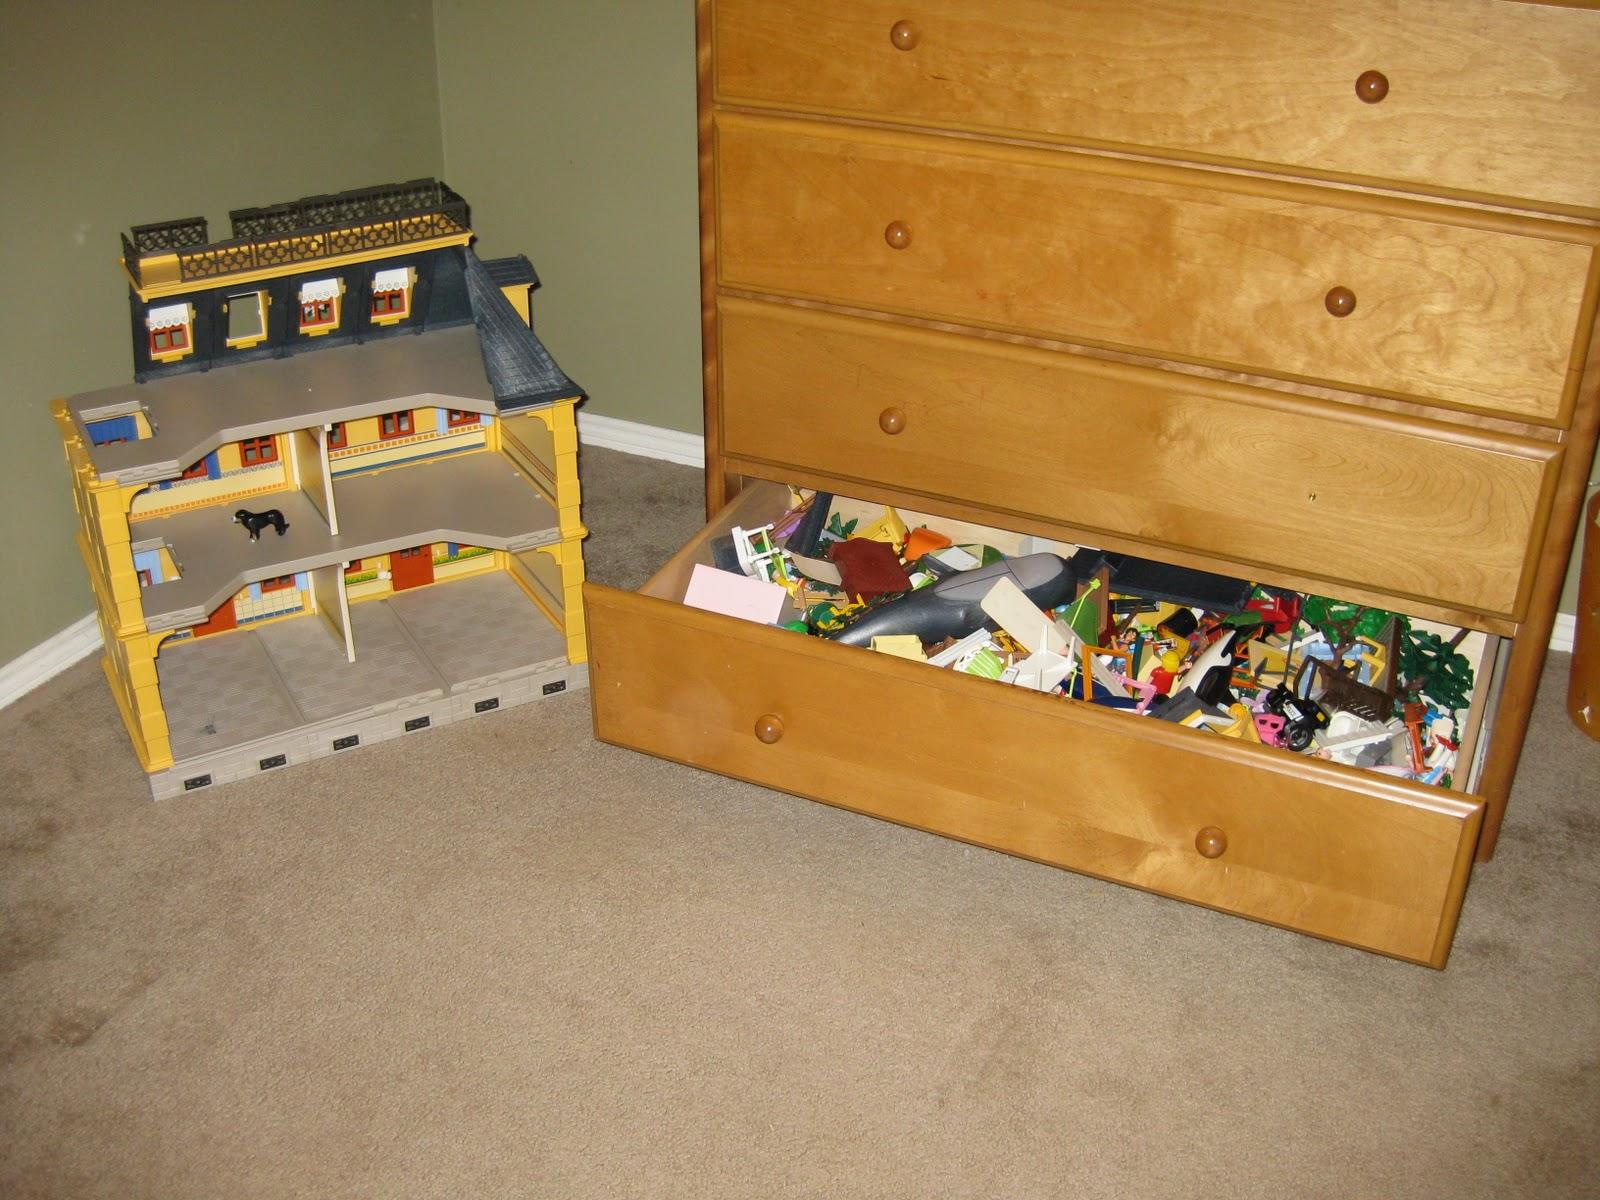 Reorganizing Room: Pretty Organized: Kid Room Reorganize